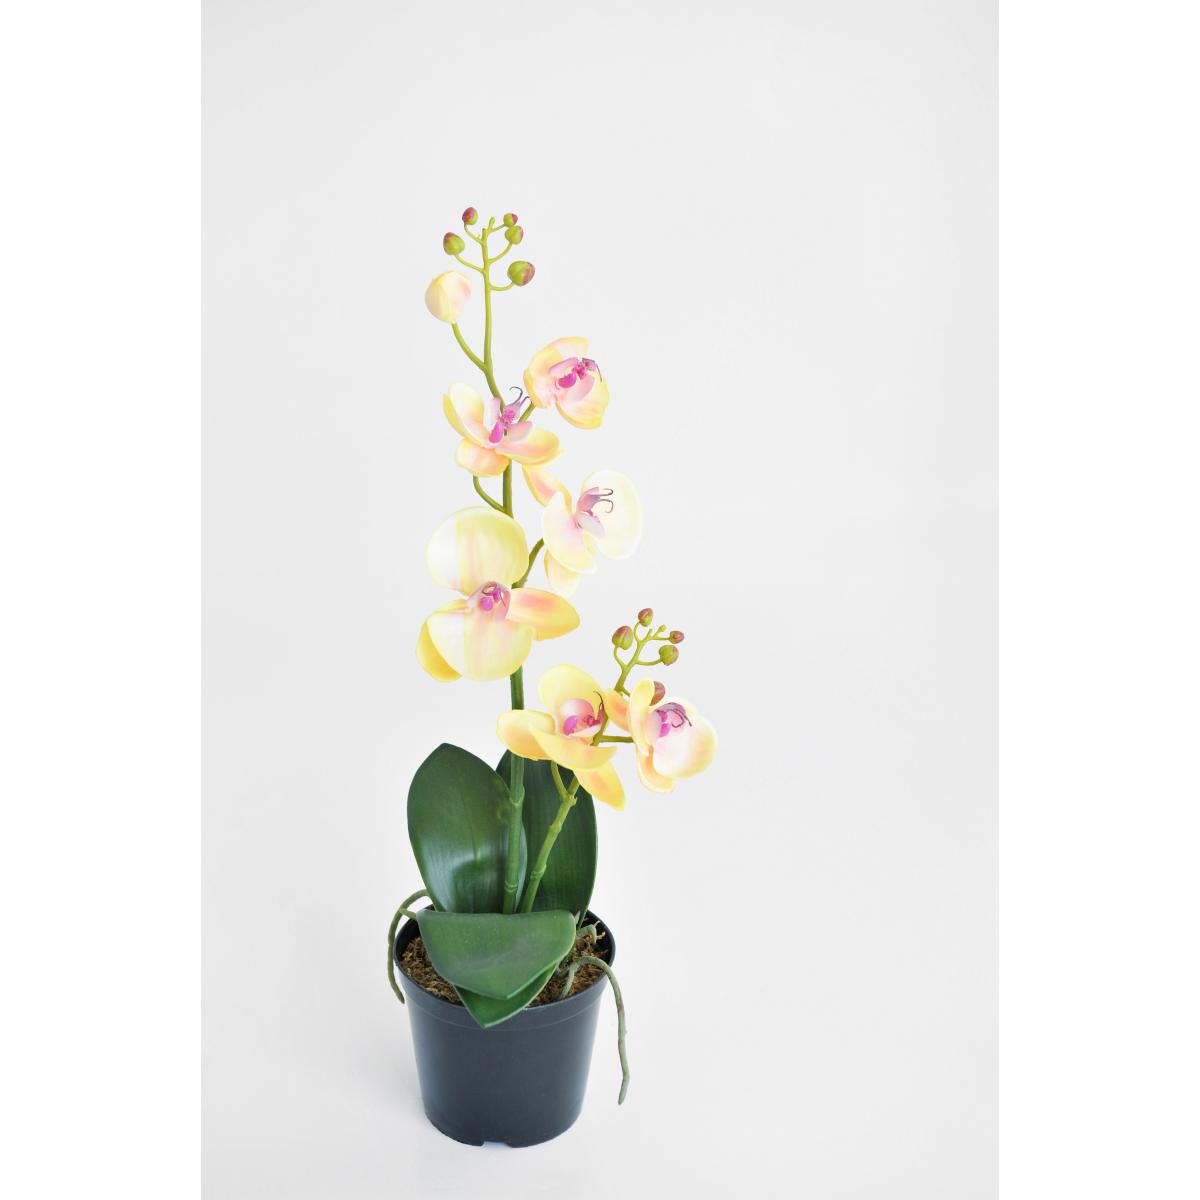 Efeubusch vert 120cm Ga-Artificiel Lierre efeuranke art plantes